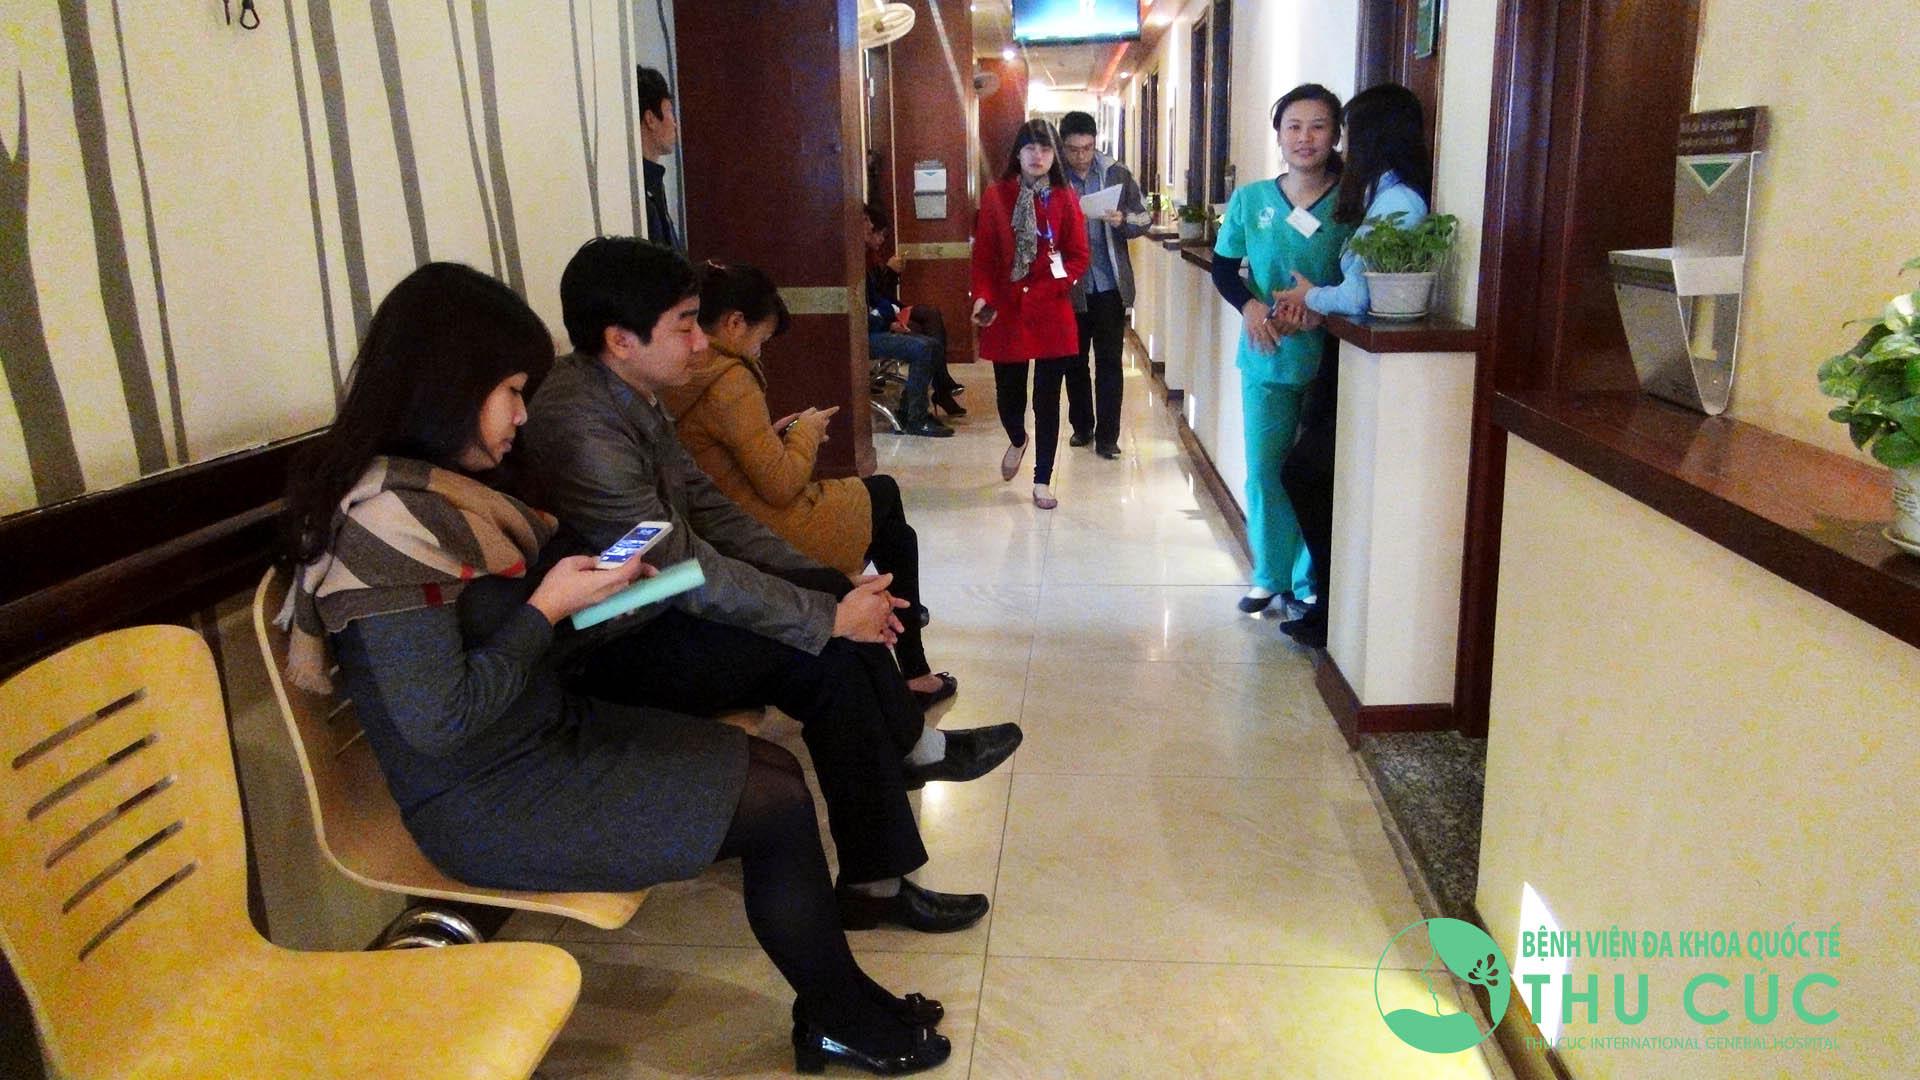 Khám sức khỏe trọn gói tại Bệnh viện Thu Cúc